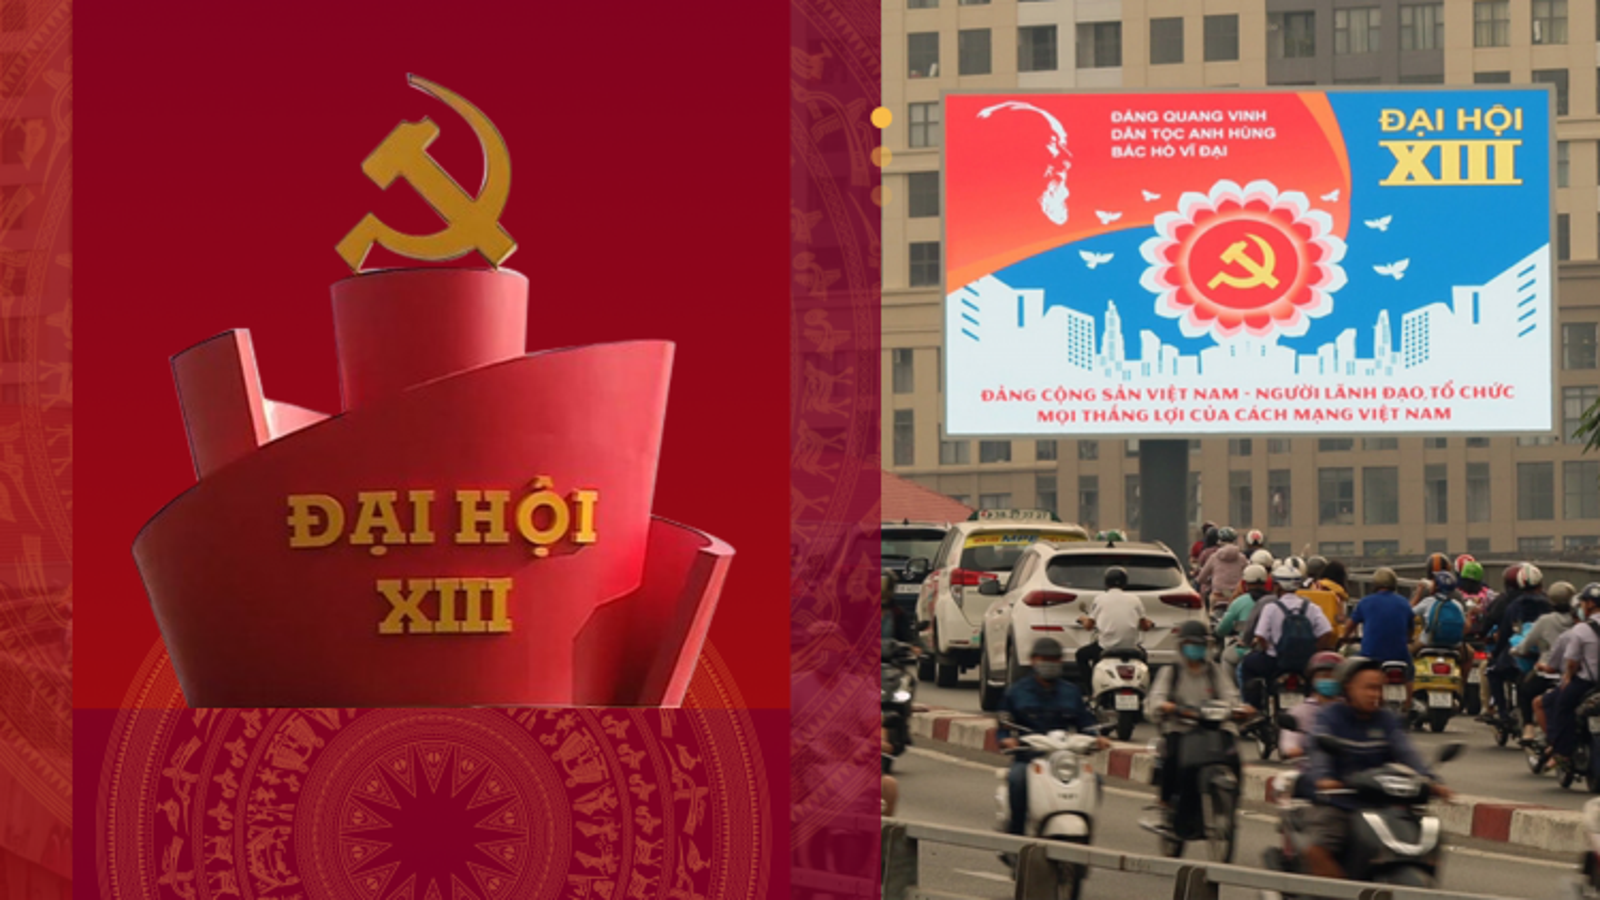 Đại hội đại biểu toàn quốc lần thứ XIII của Đảng: Tất cả đã sẵn sàng!